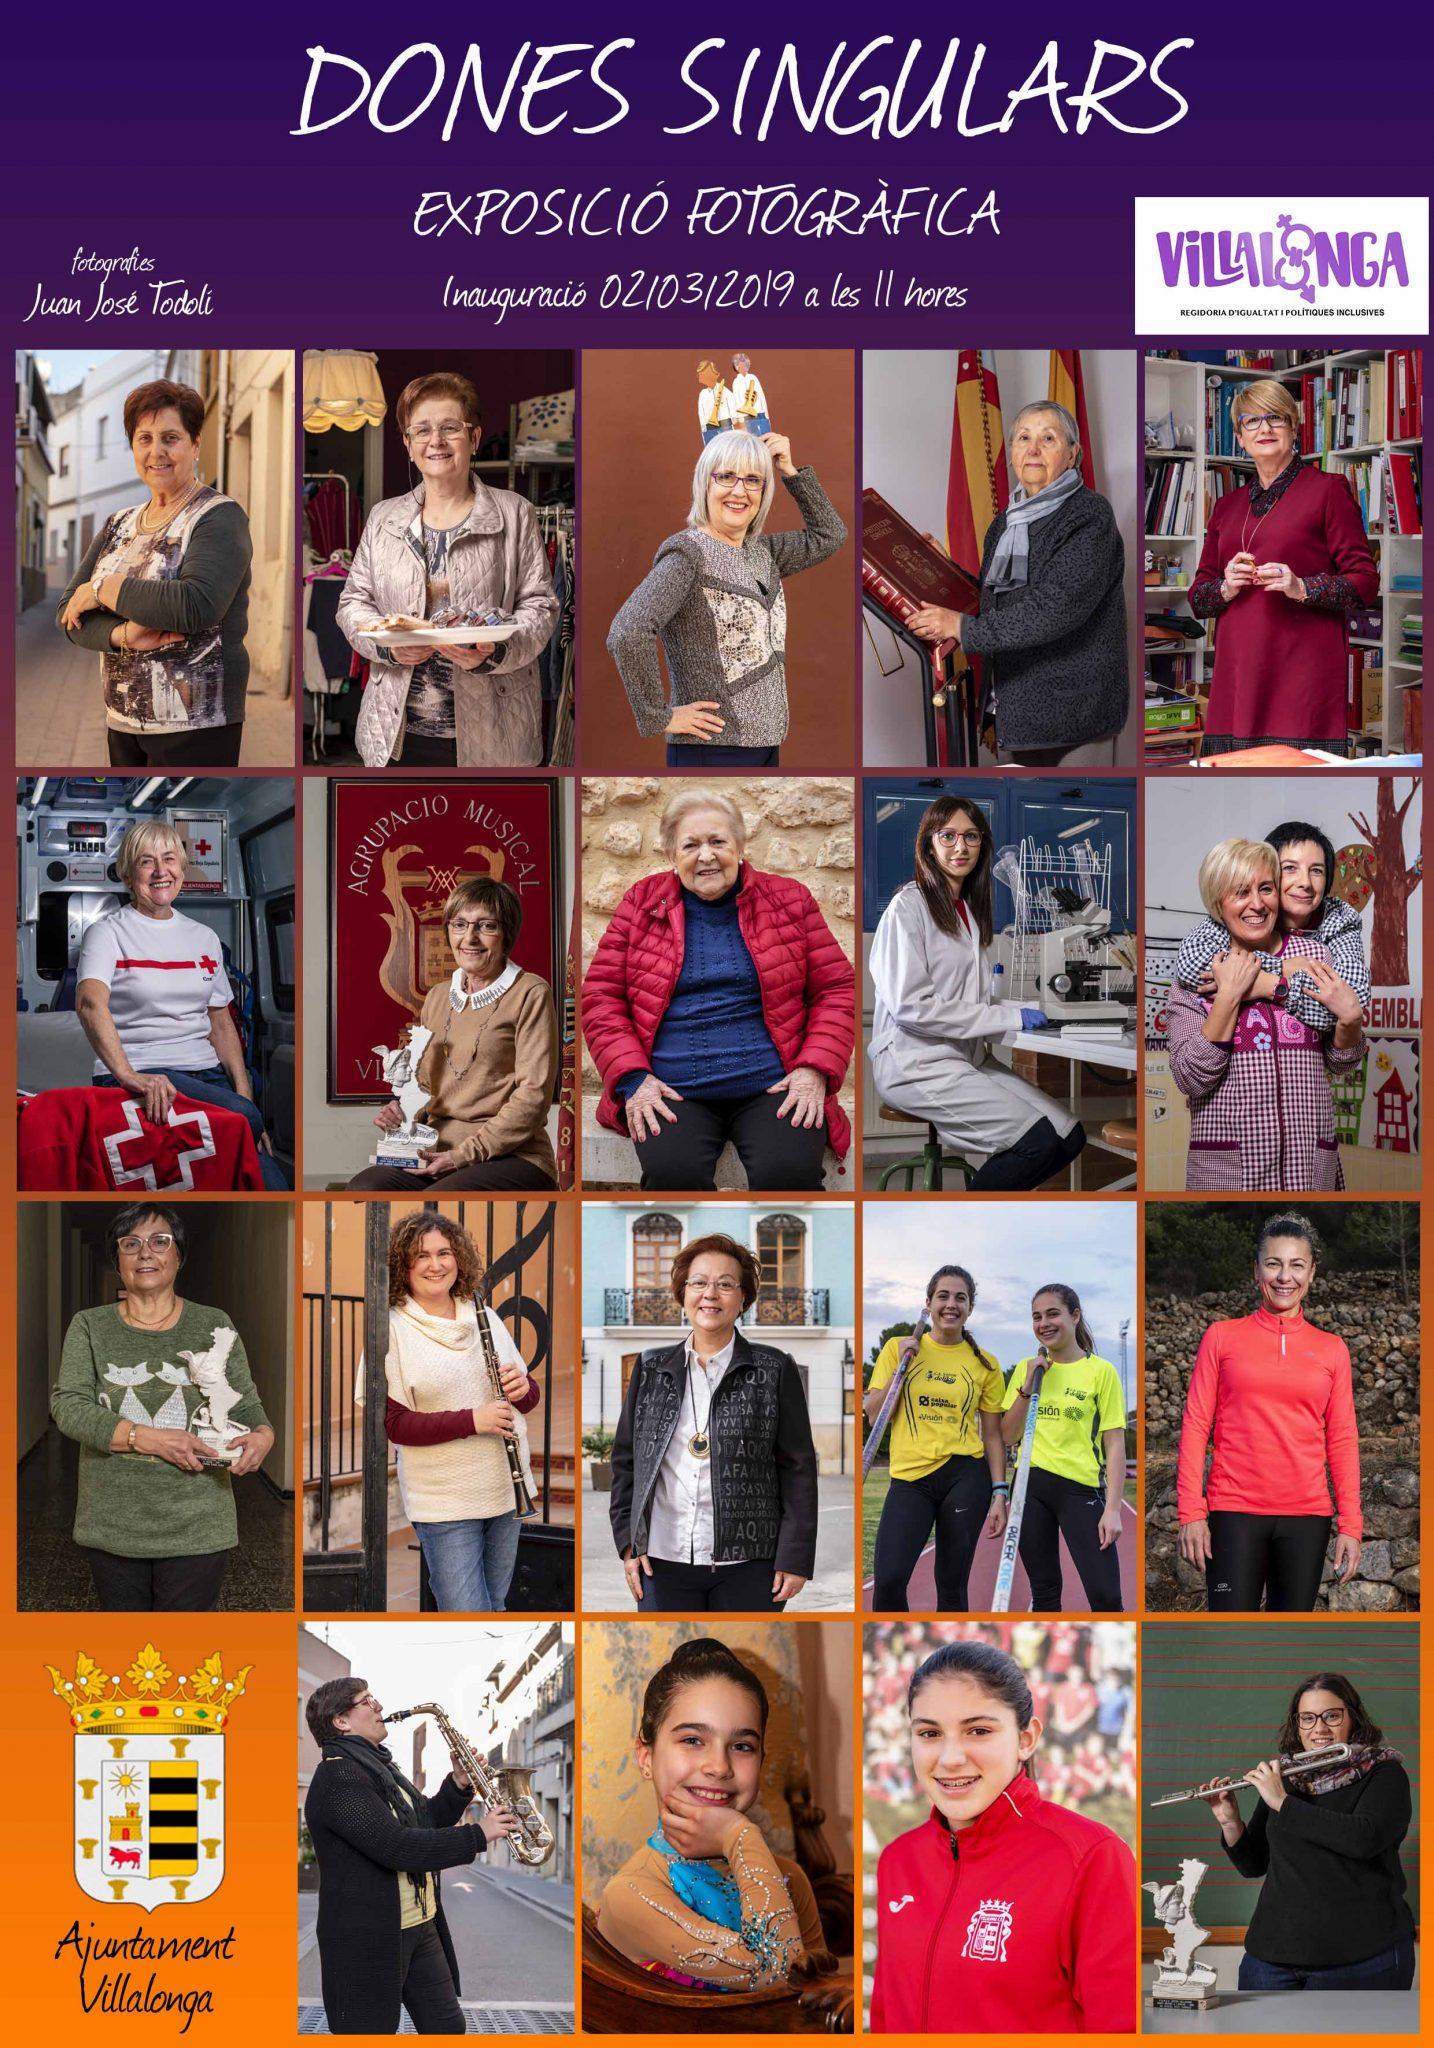 exposición fotográfica mujeres singulares de villalonga